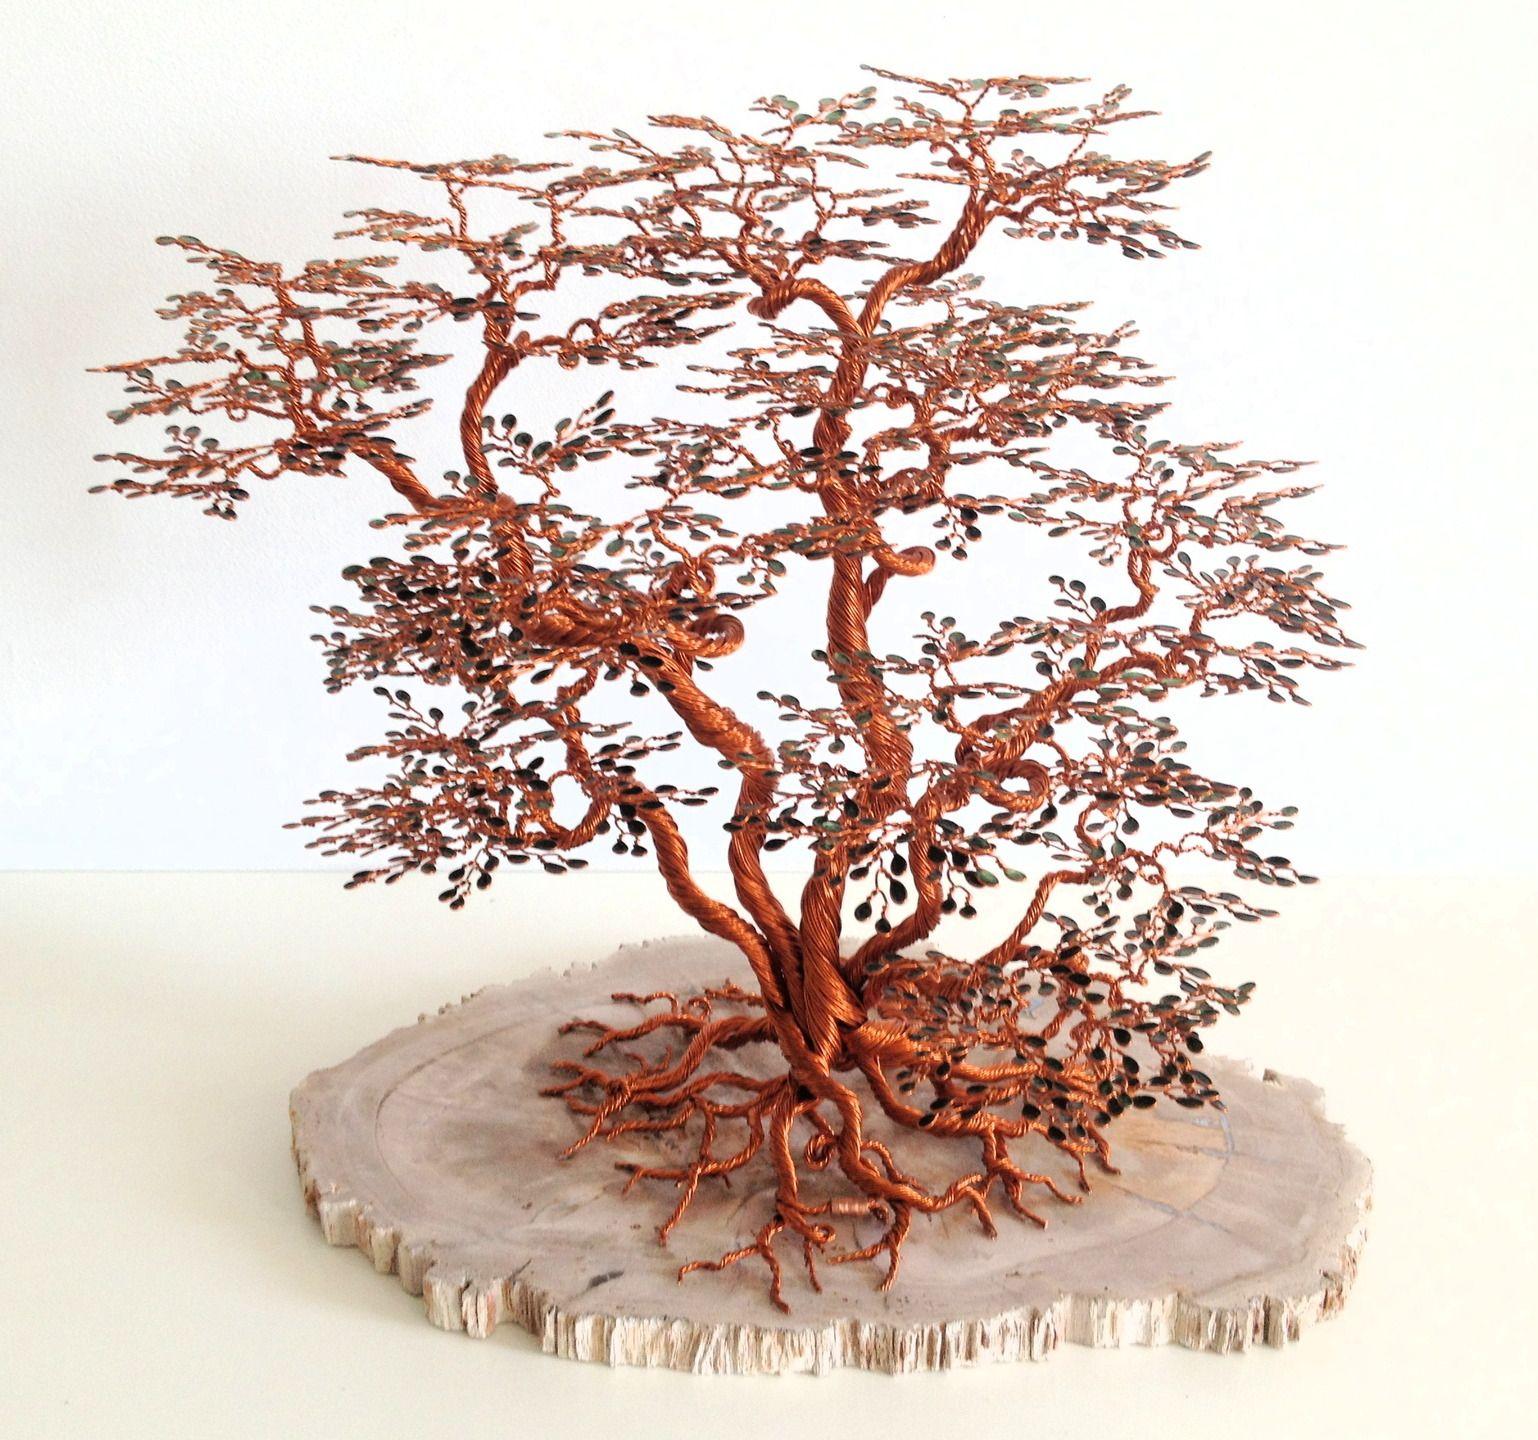 sculpture arbre de vie kabudachi en cuivre perles de rocaille 3d pinterest arbre de vie. Black Bedroom Furniture Sets. Home Design Ideas